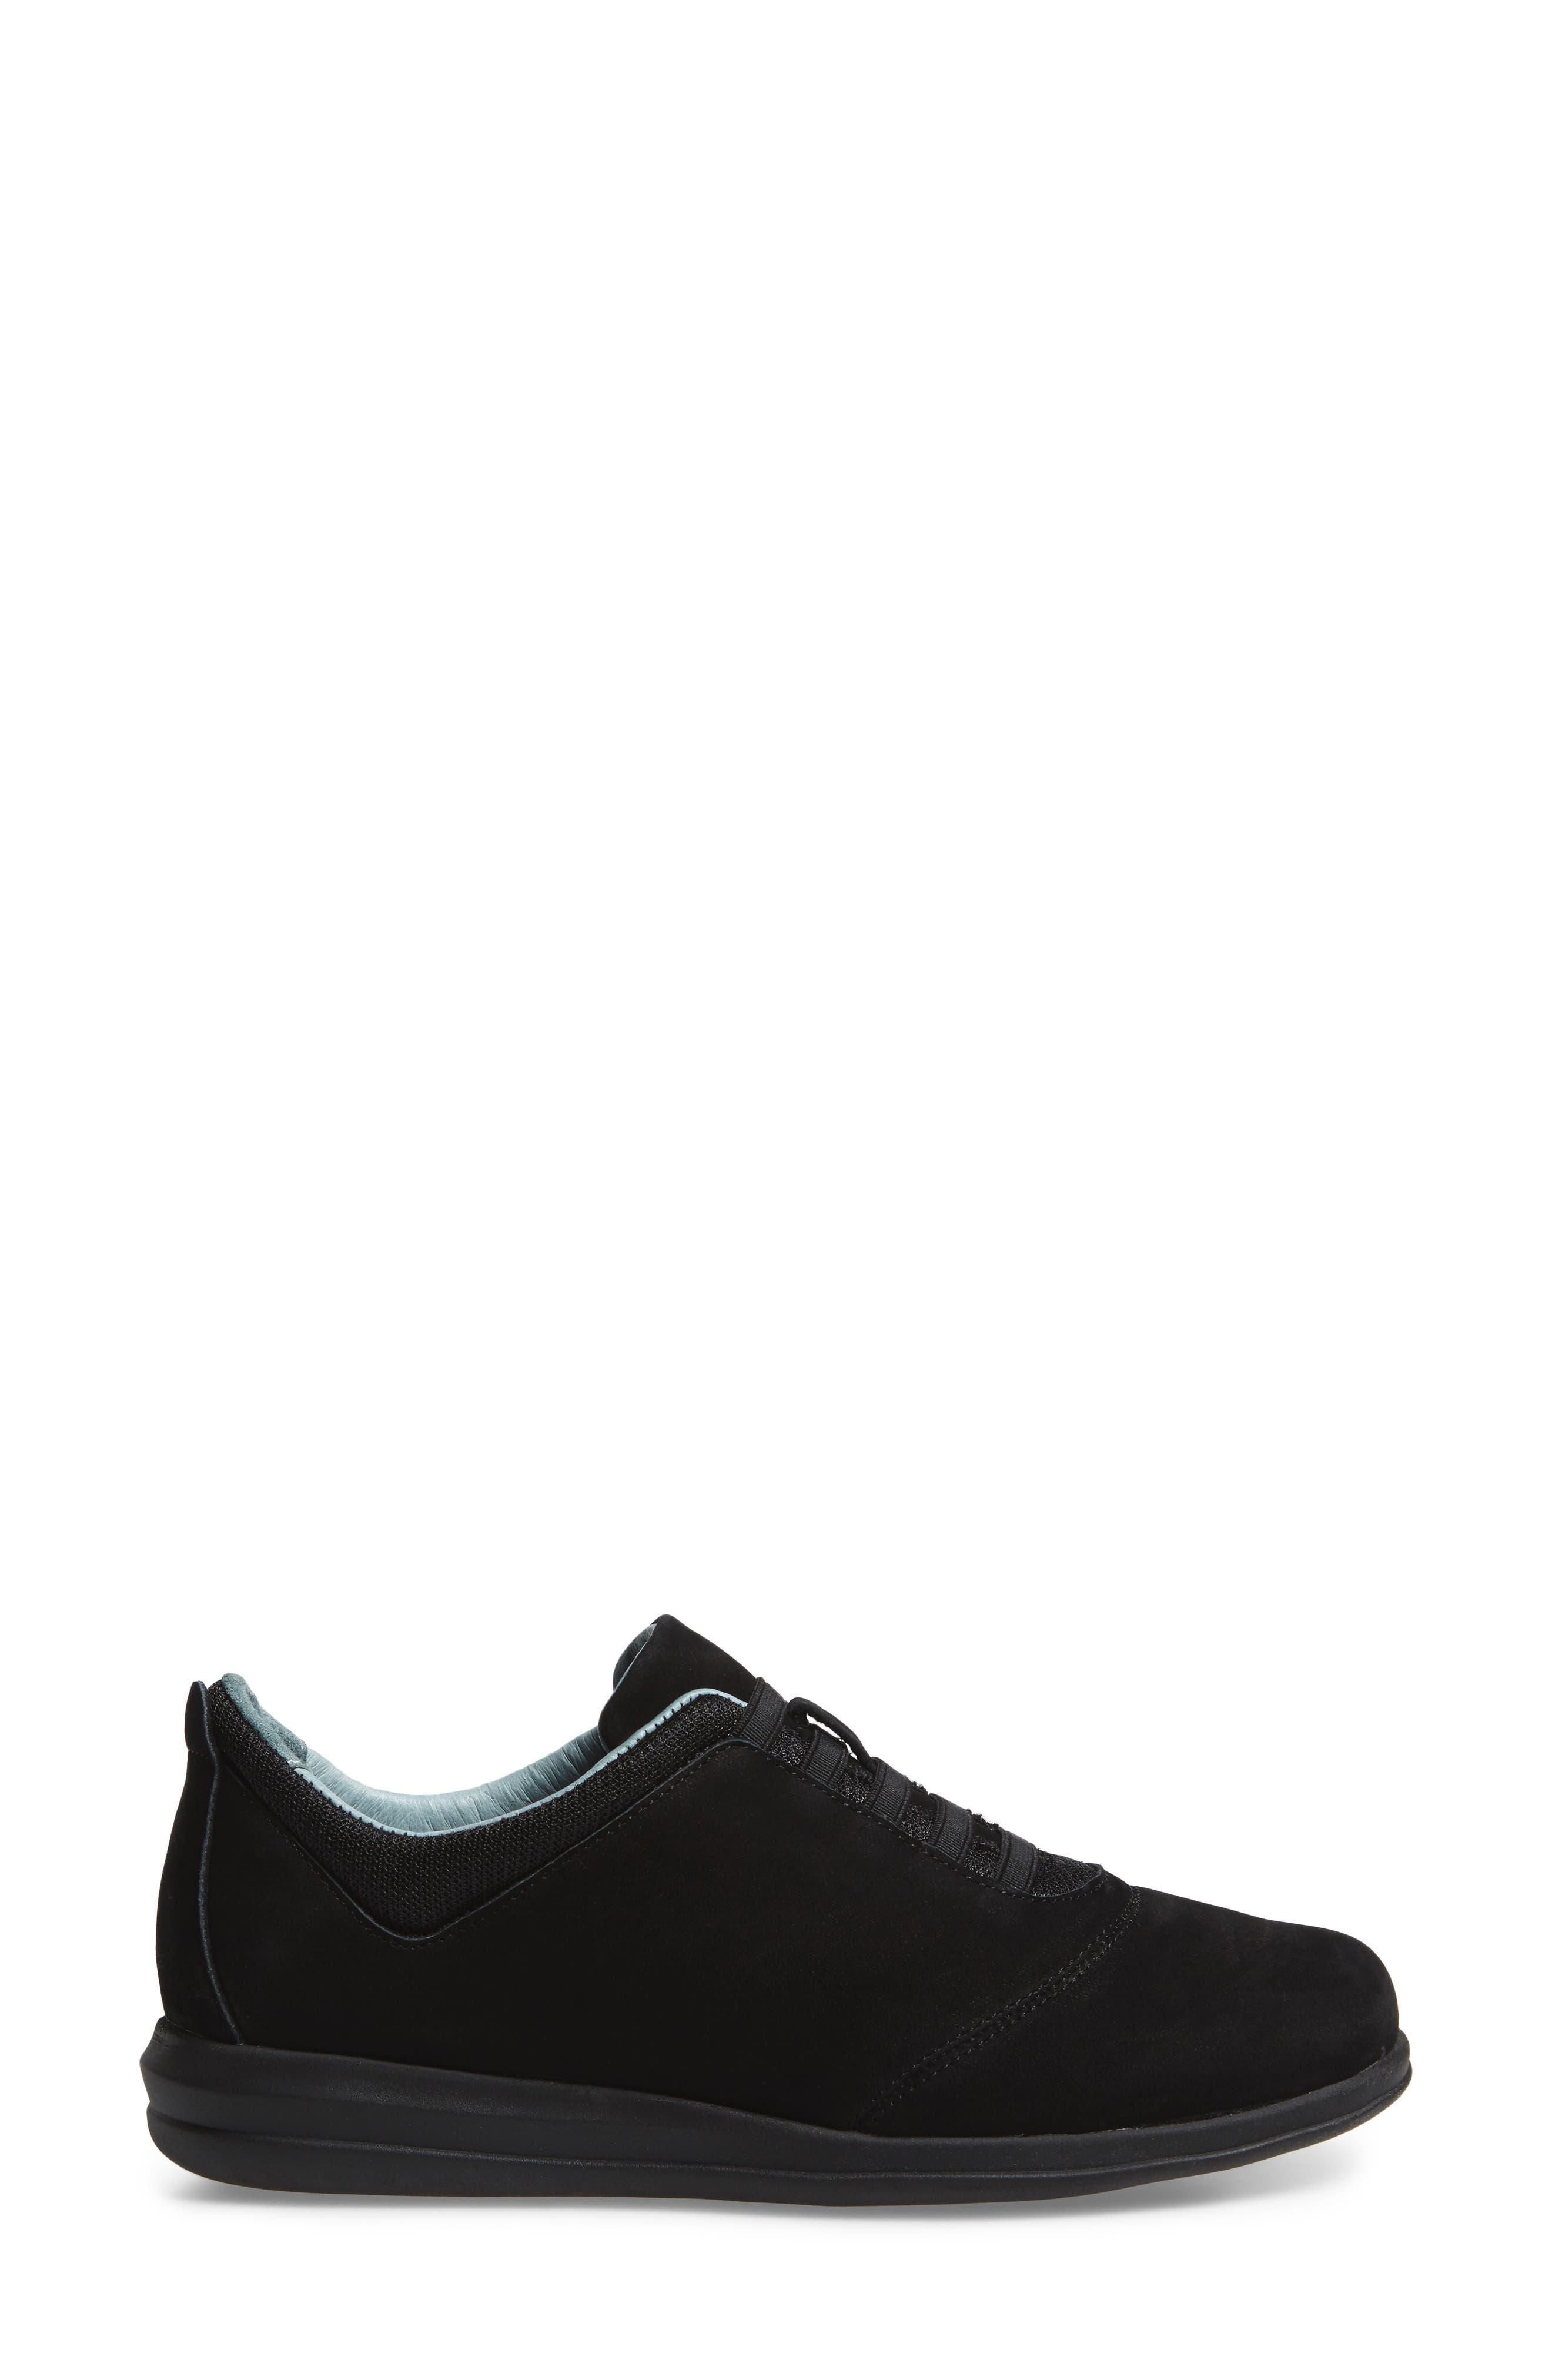 Dynamic Slip-On Sneaker,                             Alternate thumbnail 3, color,                             Black Nubuck